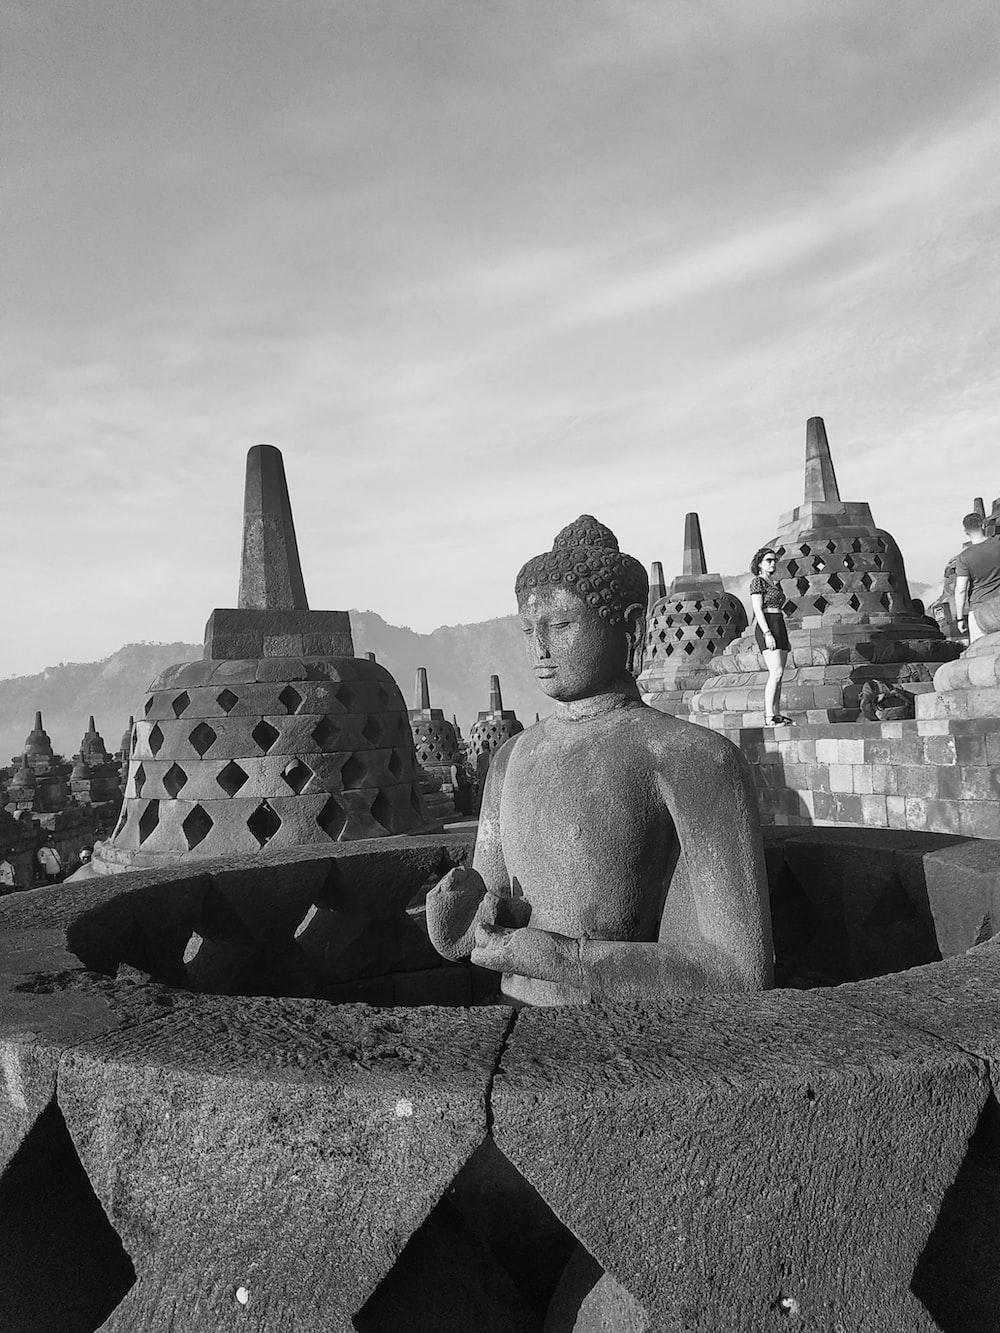 grayscale photo of Buddha statue